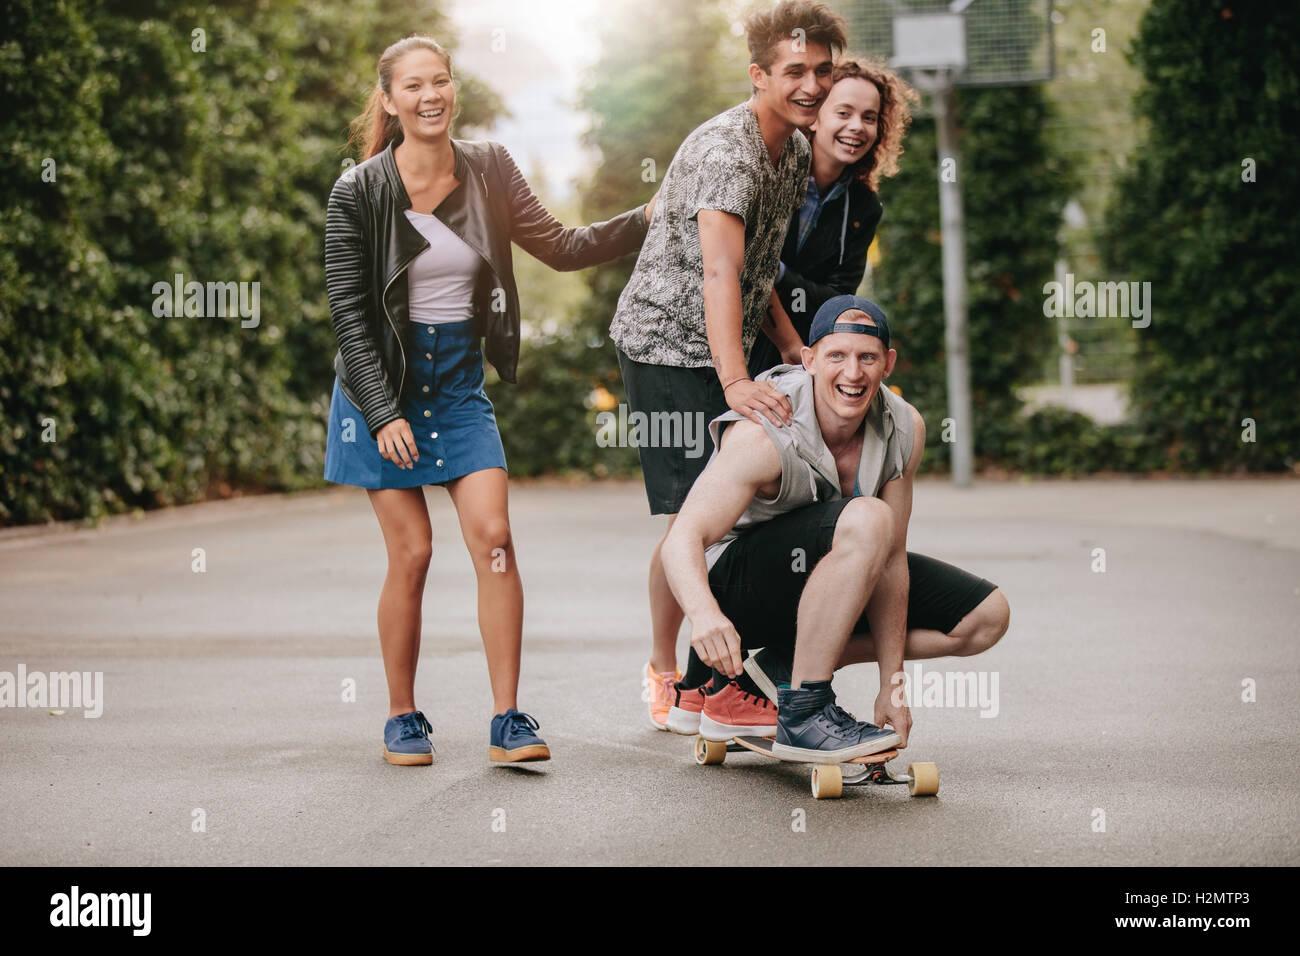 A piena lunghezza shot di ragazzi adolescenti su skateboard con le ragazze. Diversi gruppi di amici avendo divertimento Immagini Stock